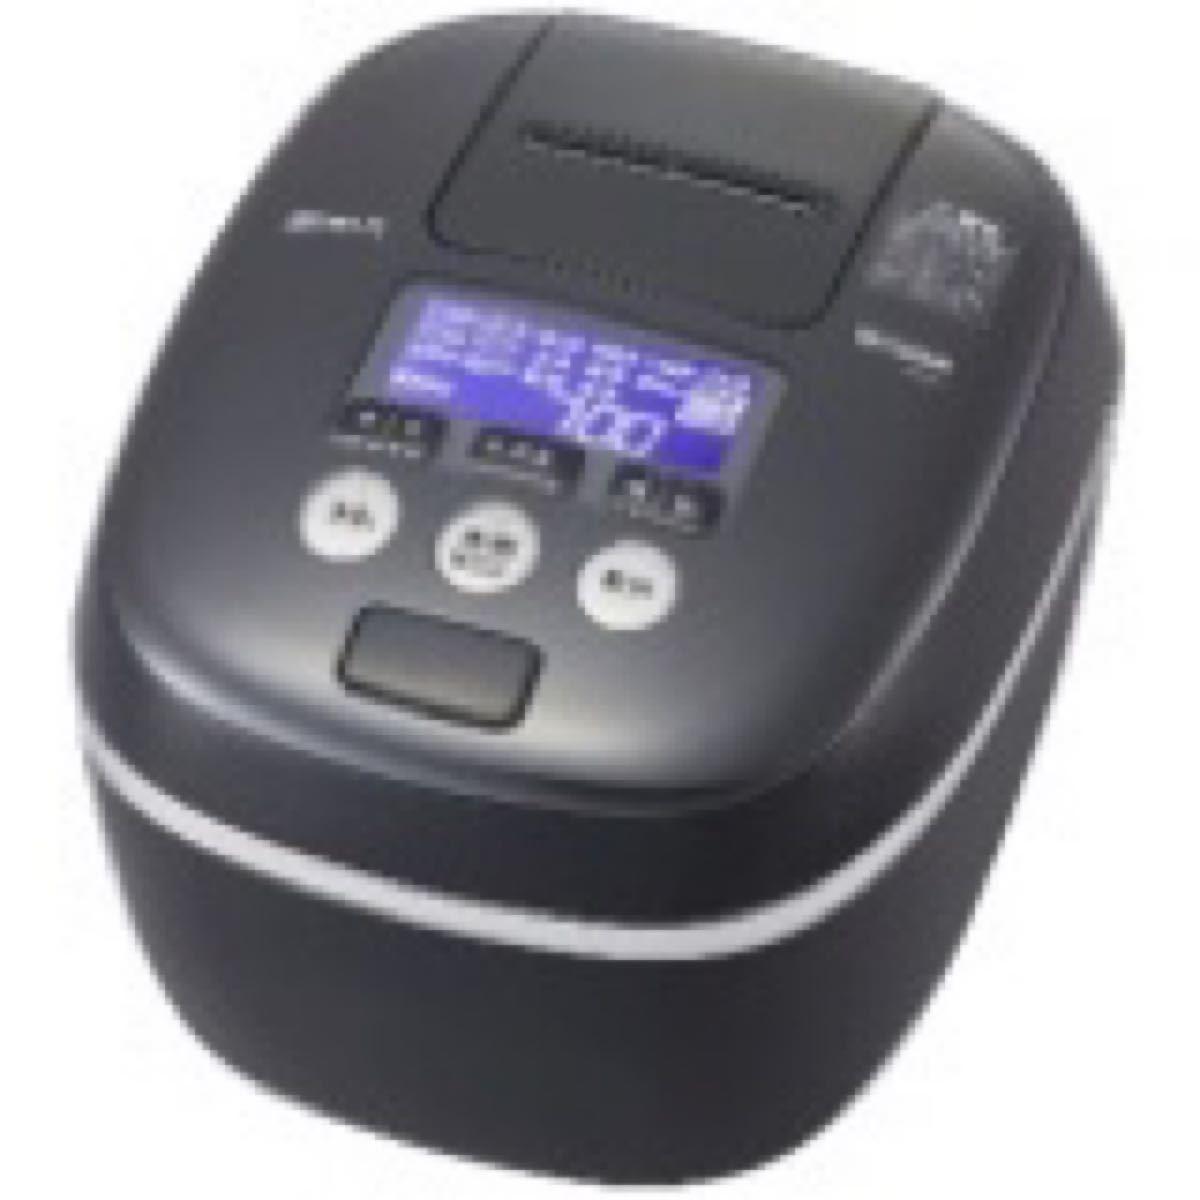 新品★タイガー 圧力IH 炊飯器 JPC-G100 5.5合